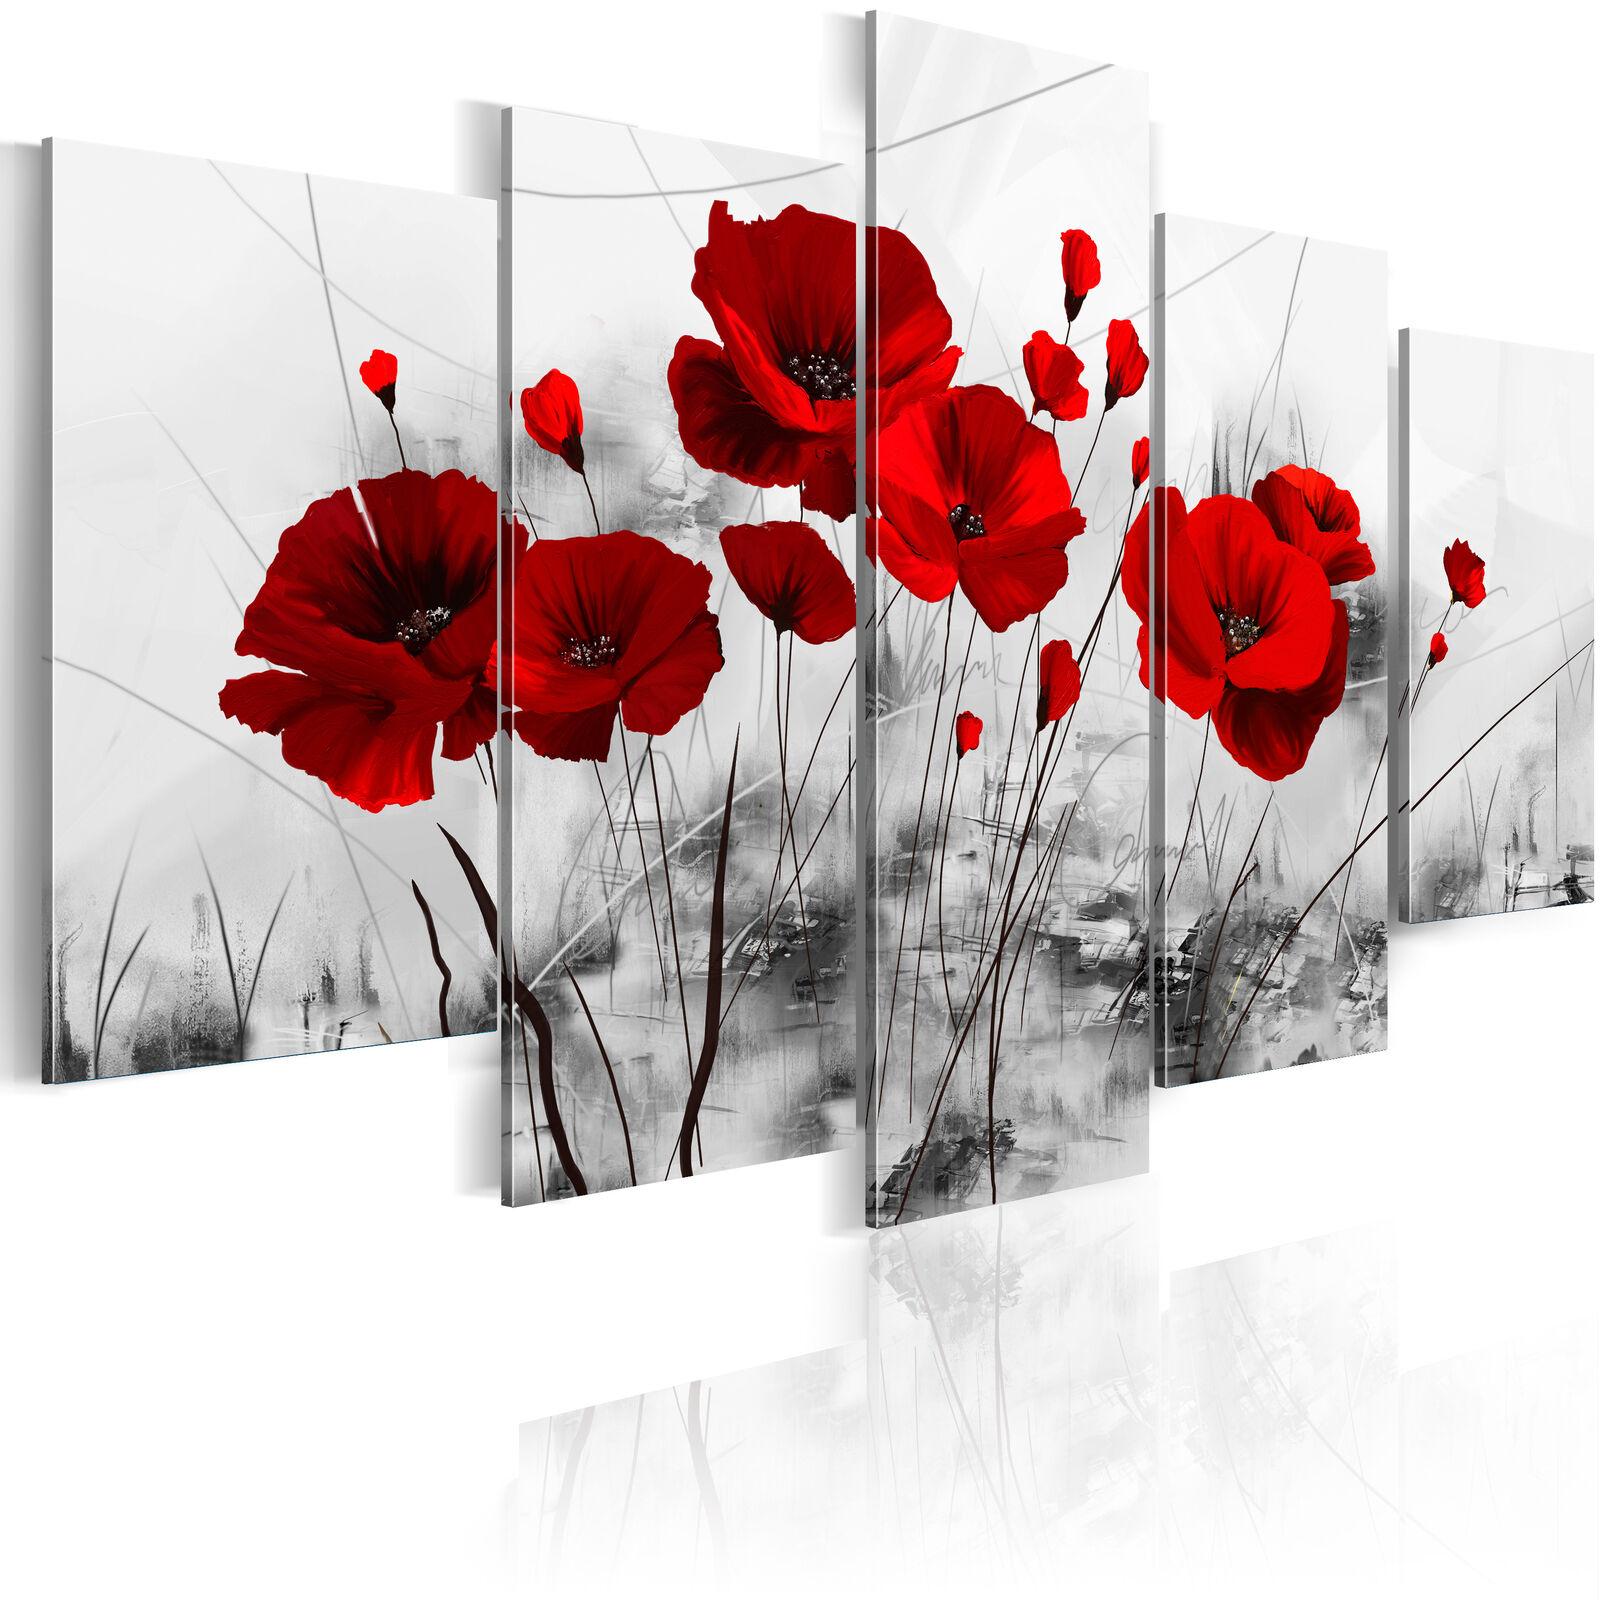 Cuadros en lienzo XXL decoracion de parot foto impresión 0107-5